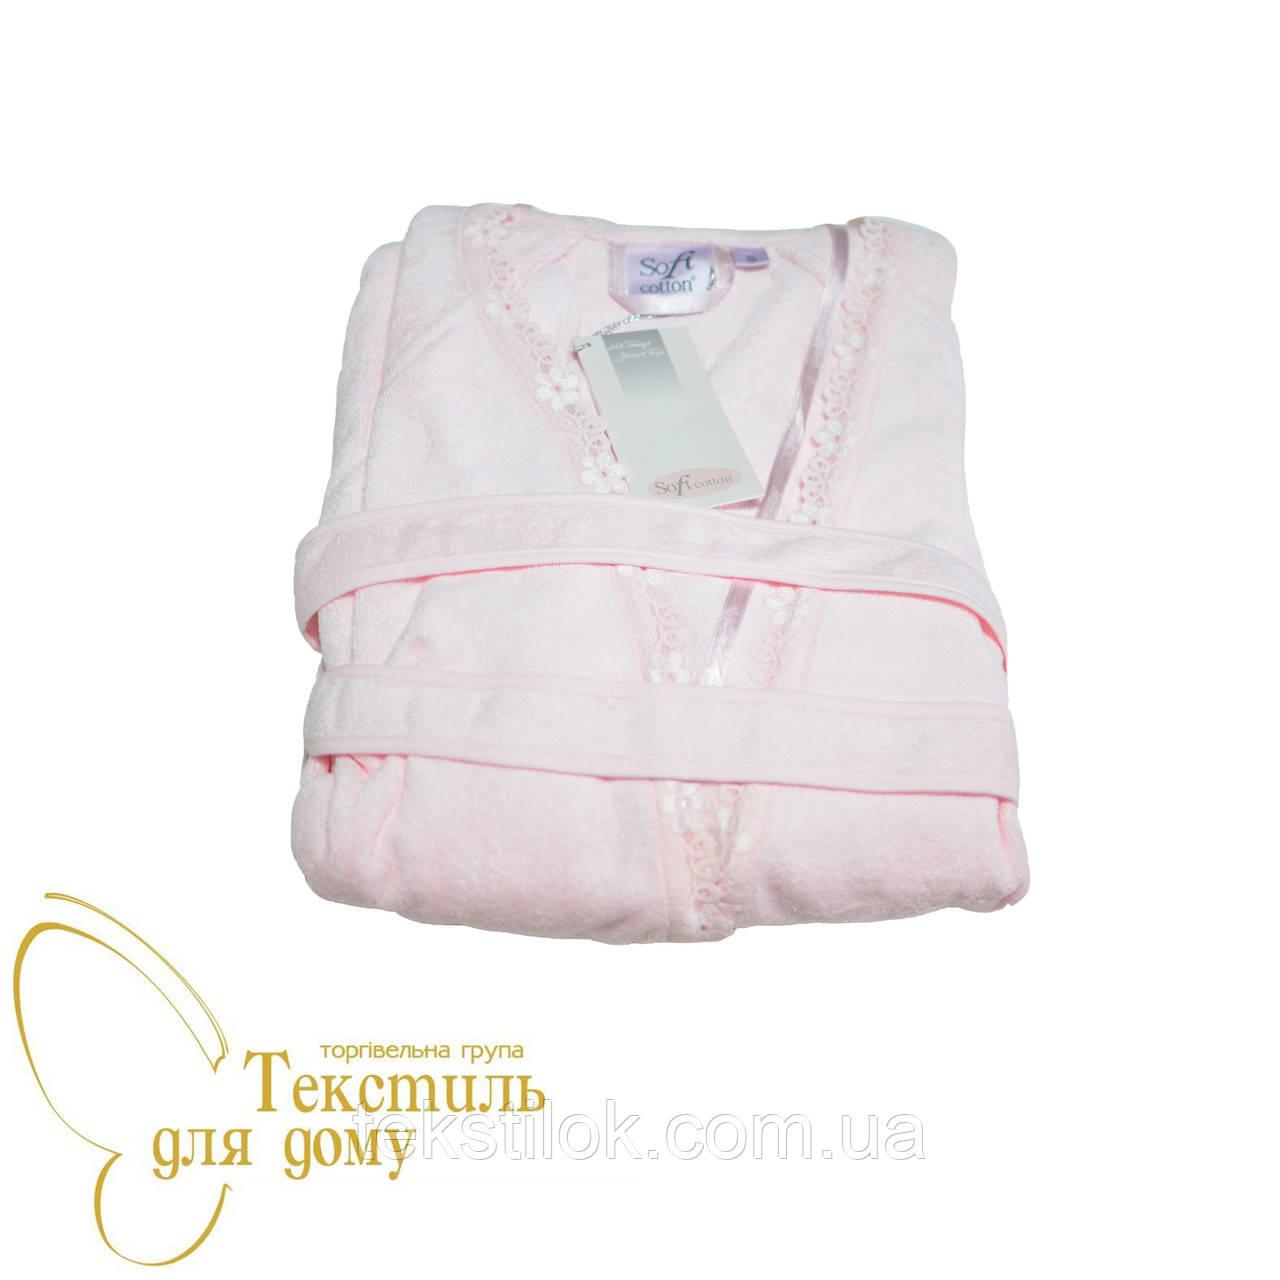 Халат женский Soft Cotton RENCIN, розовый